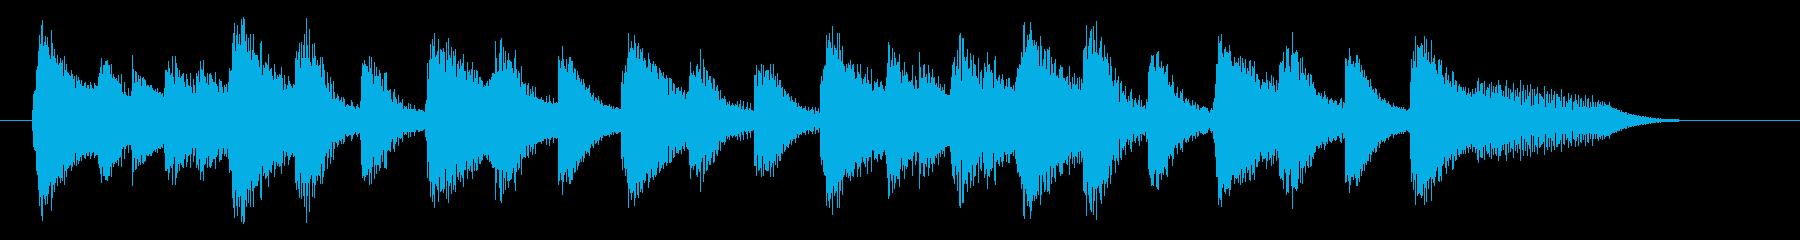 明るく落ち着いたピアノジングル 三拍子の再生済みの波形